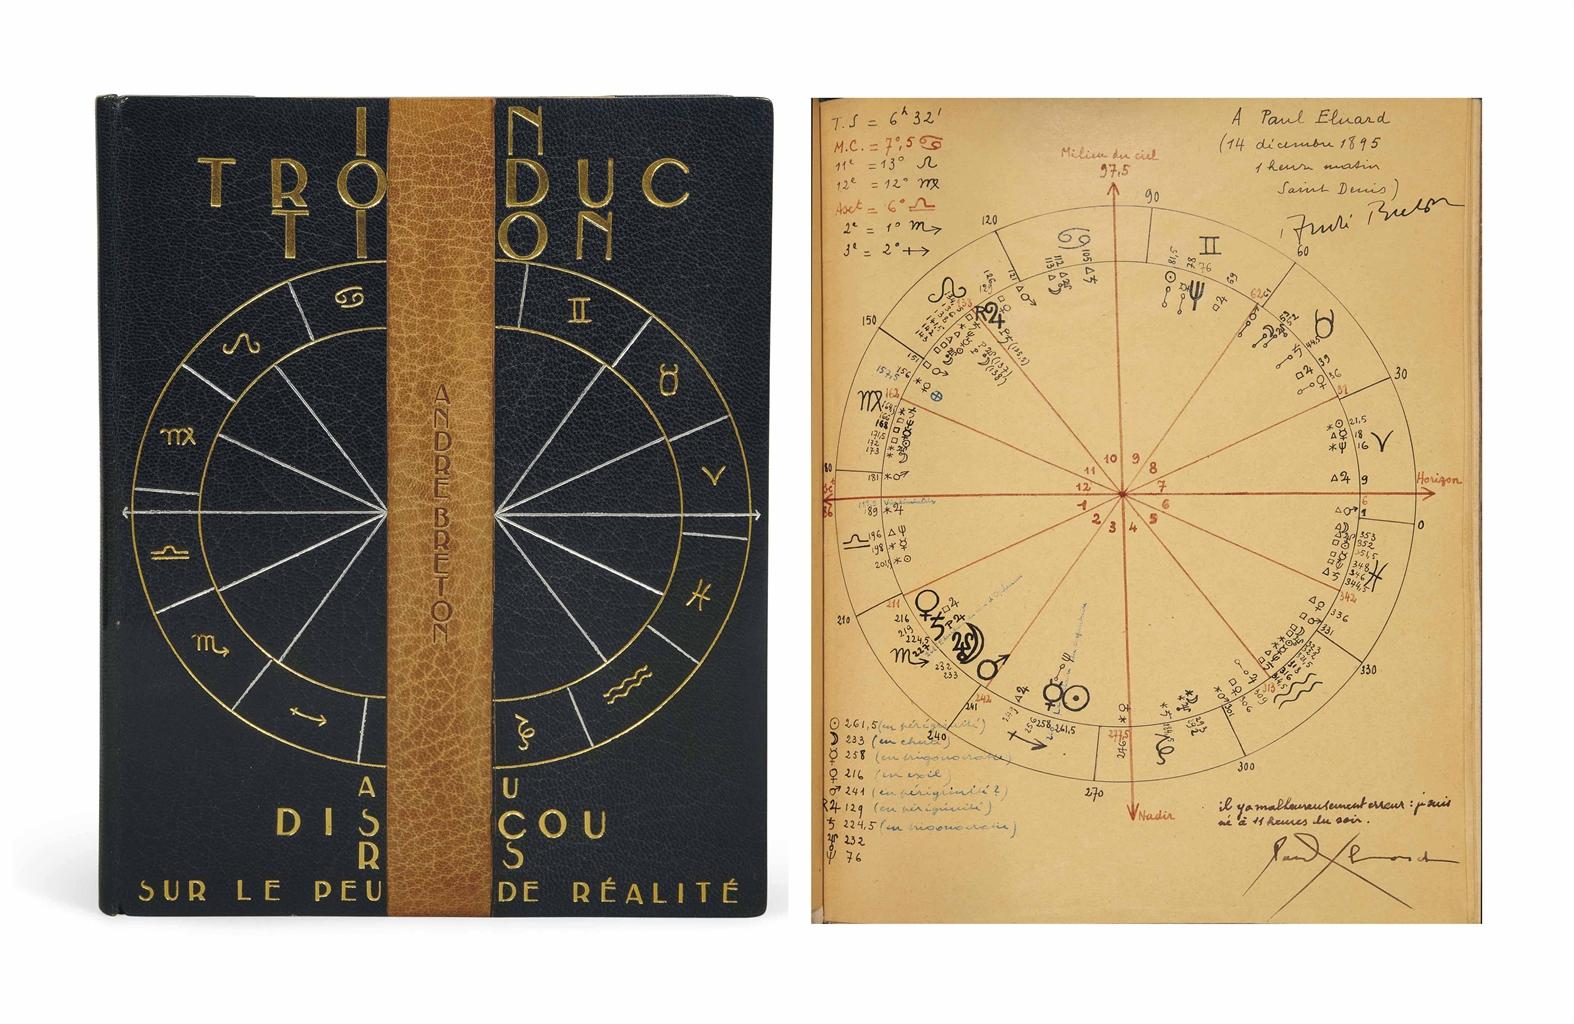 André BRETON (1896-1966). Introduction au discours sur le peu de réalité. Paris: NRF, 1927. In-4 (240 x 190 mm). Une page manuscrite reproduite en fac-similé. Reliure signée de Paul Bonet et datée 1931, maroquin bleu, plat supérieur orné du cercle zodiacal frappé à l'or et au palladium sur lequel passe une bande verticale de maroquin gold où se détache le nom de l'auteur frappé à froid, titre en lettres dorées en pied, plat inférieur orné d'une bande de papier marbré à reflets dorés flanquée de bandes de maroquin bleu, doublure et gardes de même papier marbré, chemise et étui assortis.